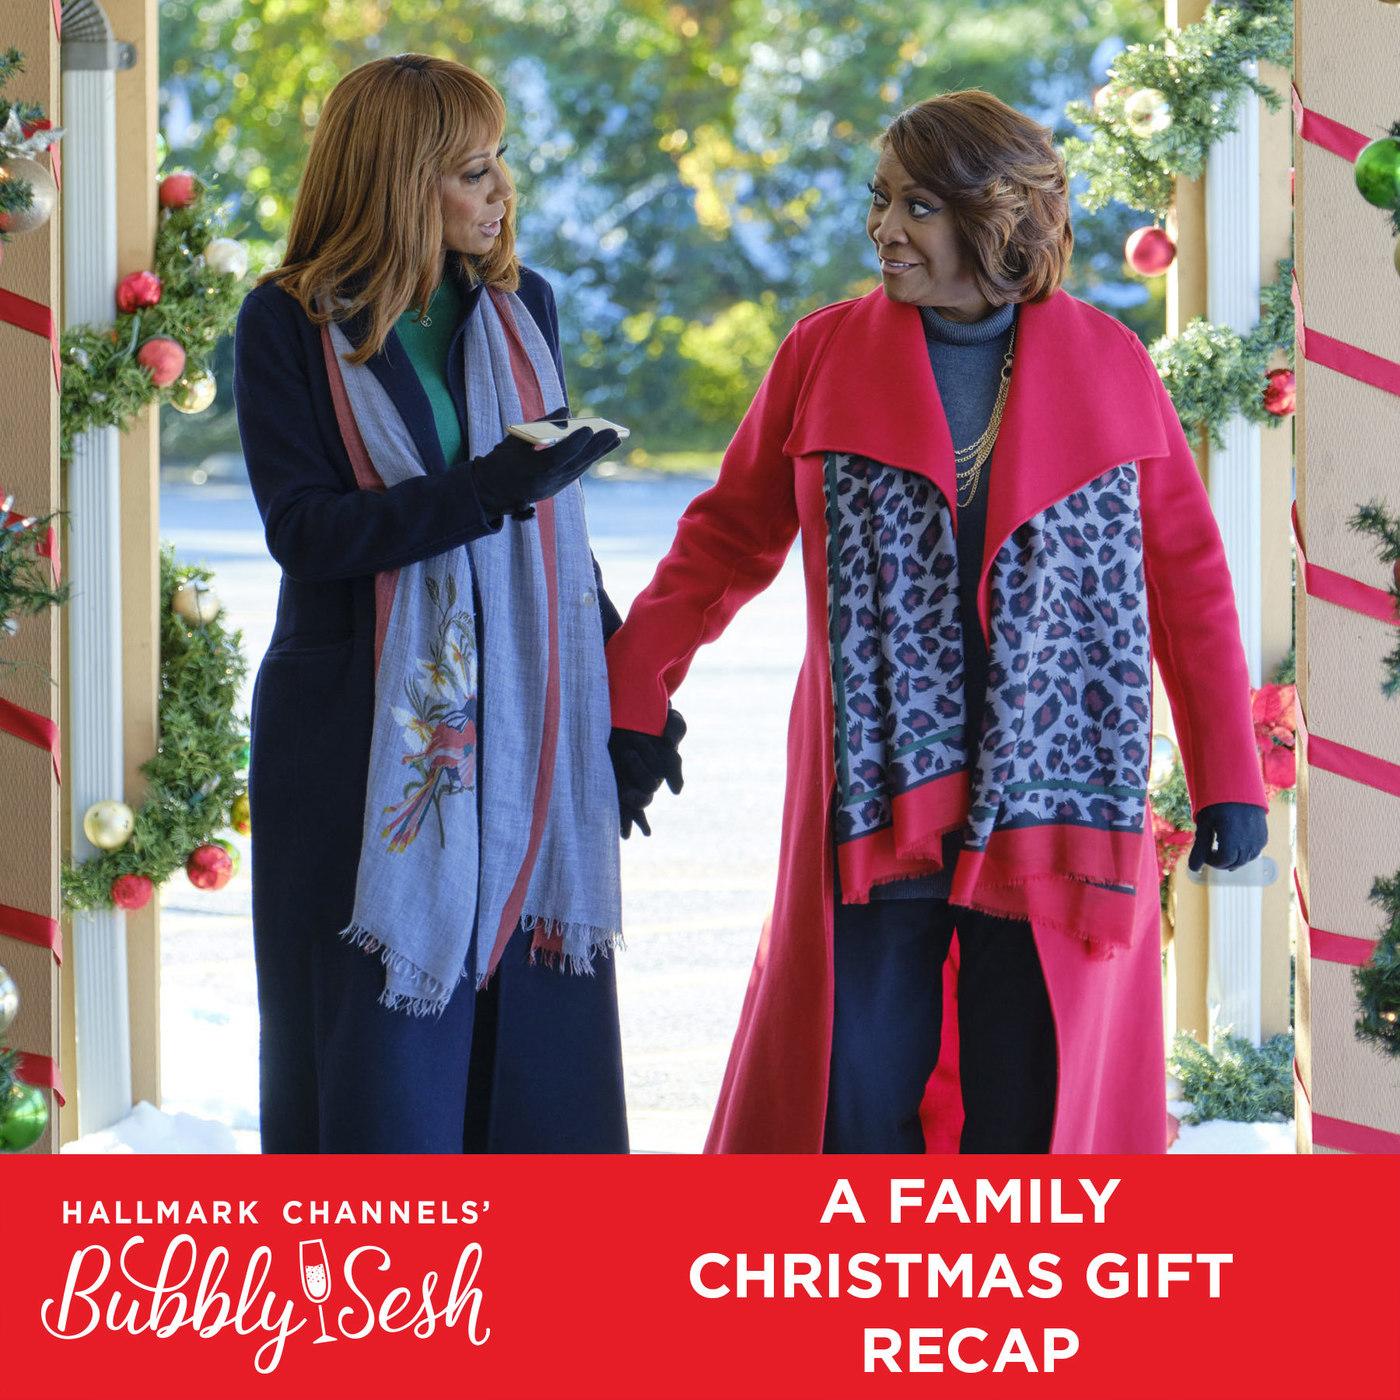 A Family Christmas Gift Recap